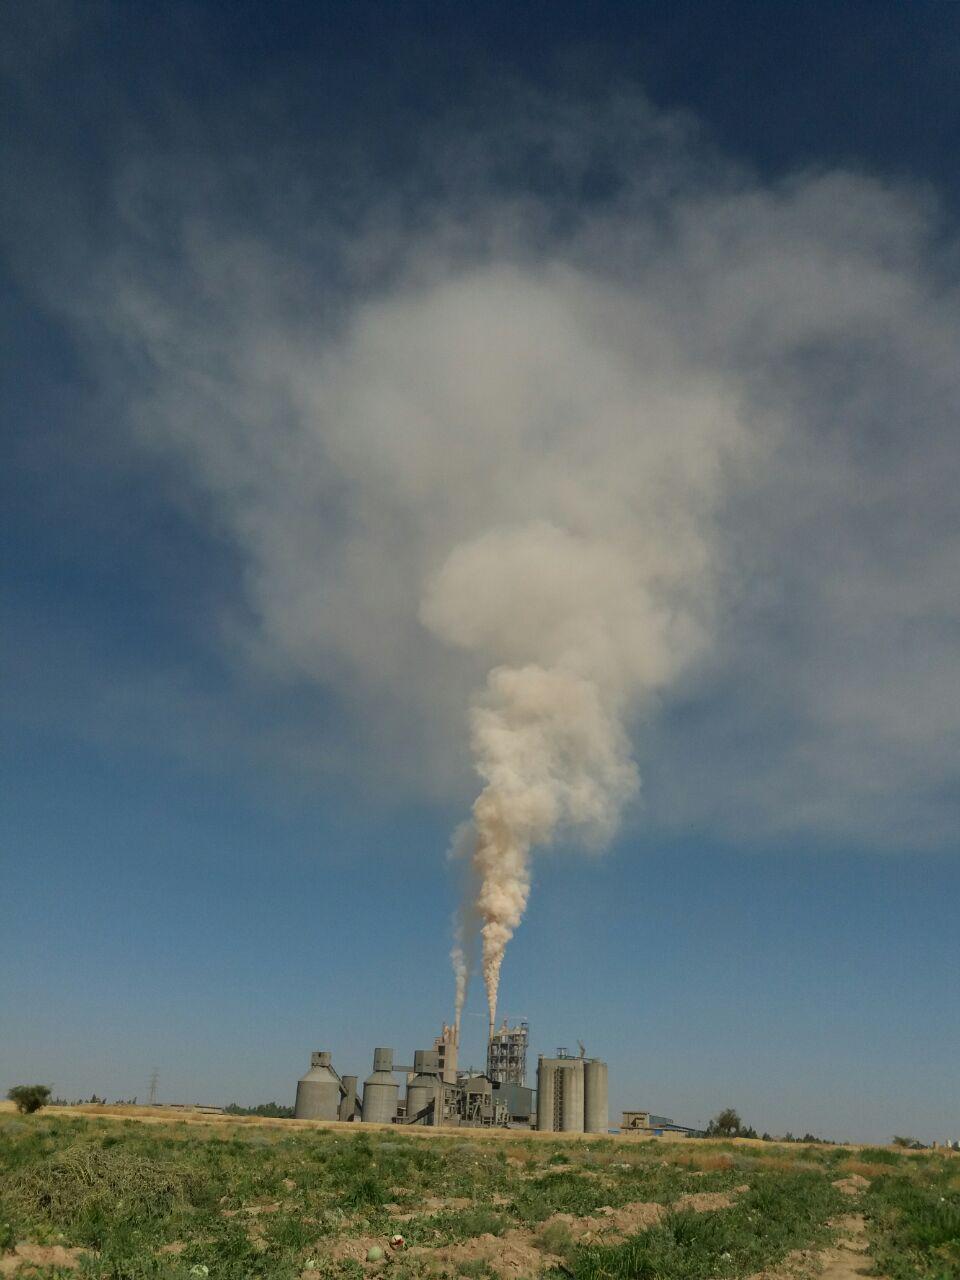 آیا فقط آلودگی سهم رامهرمز از شرکت سیمان است؟